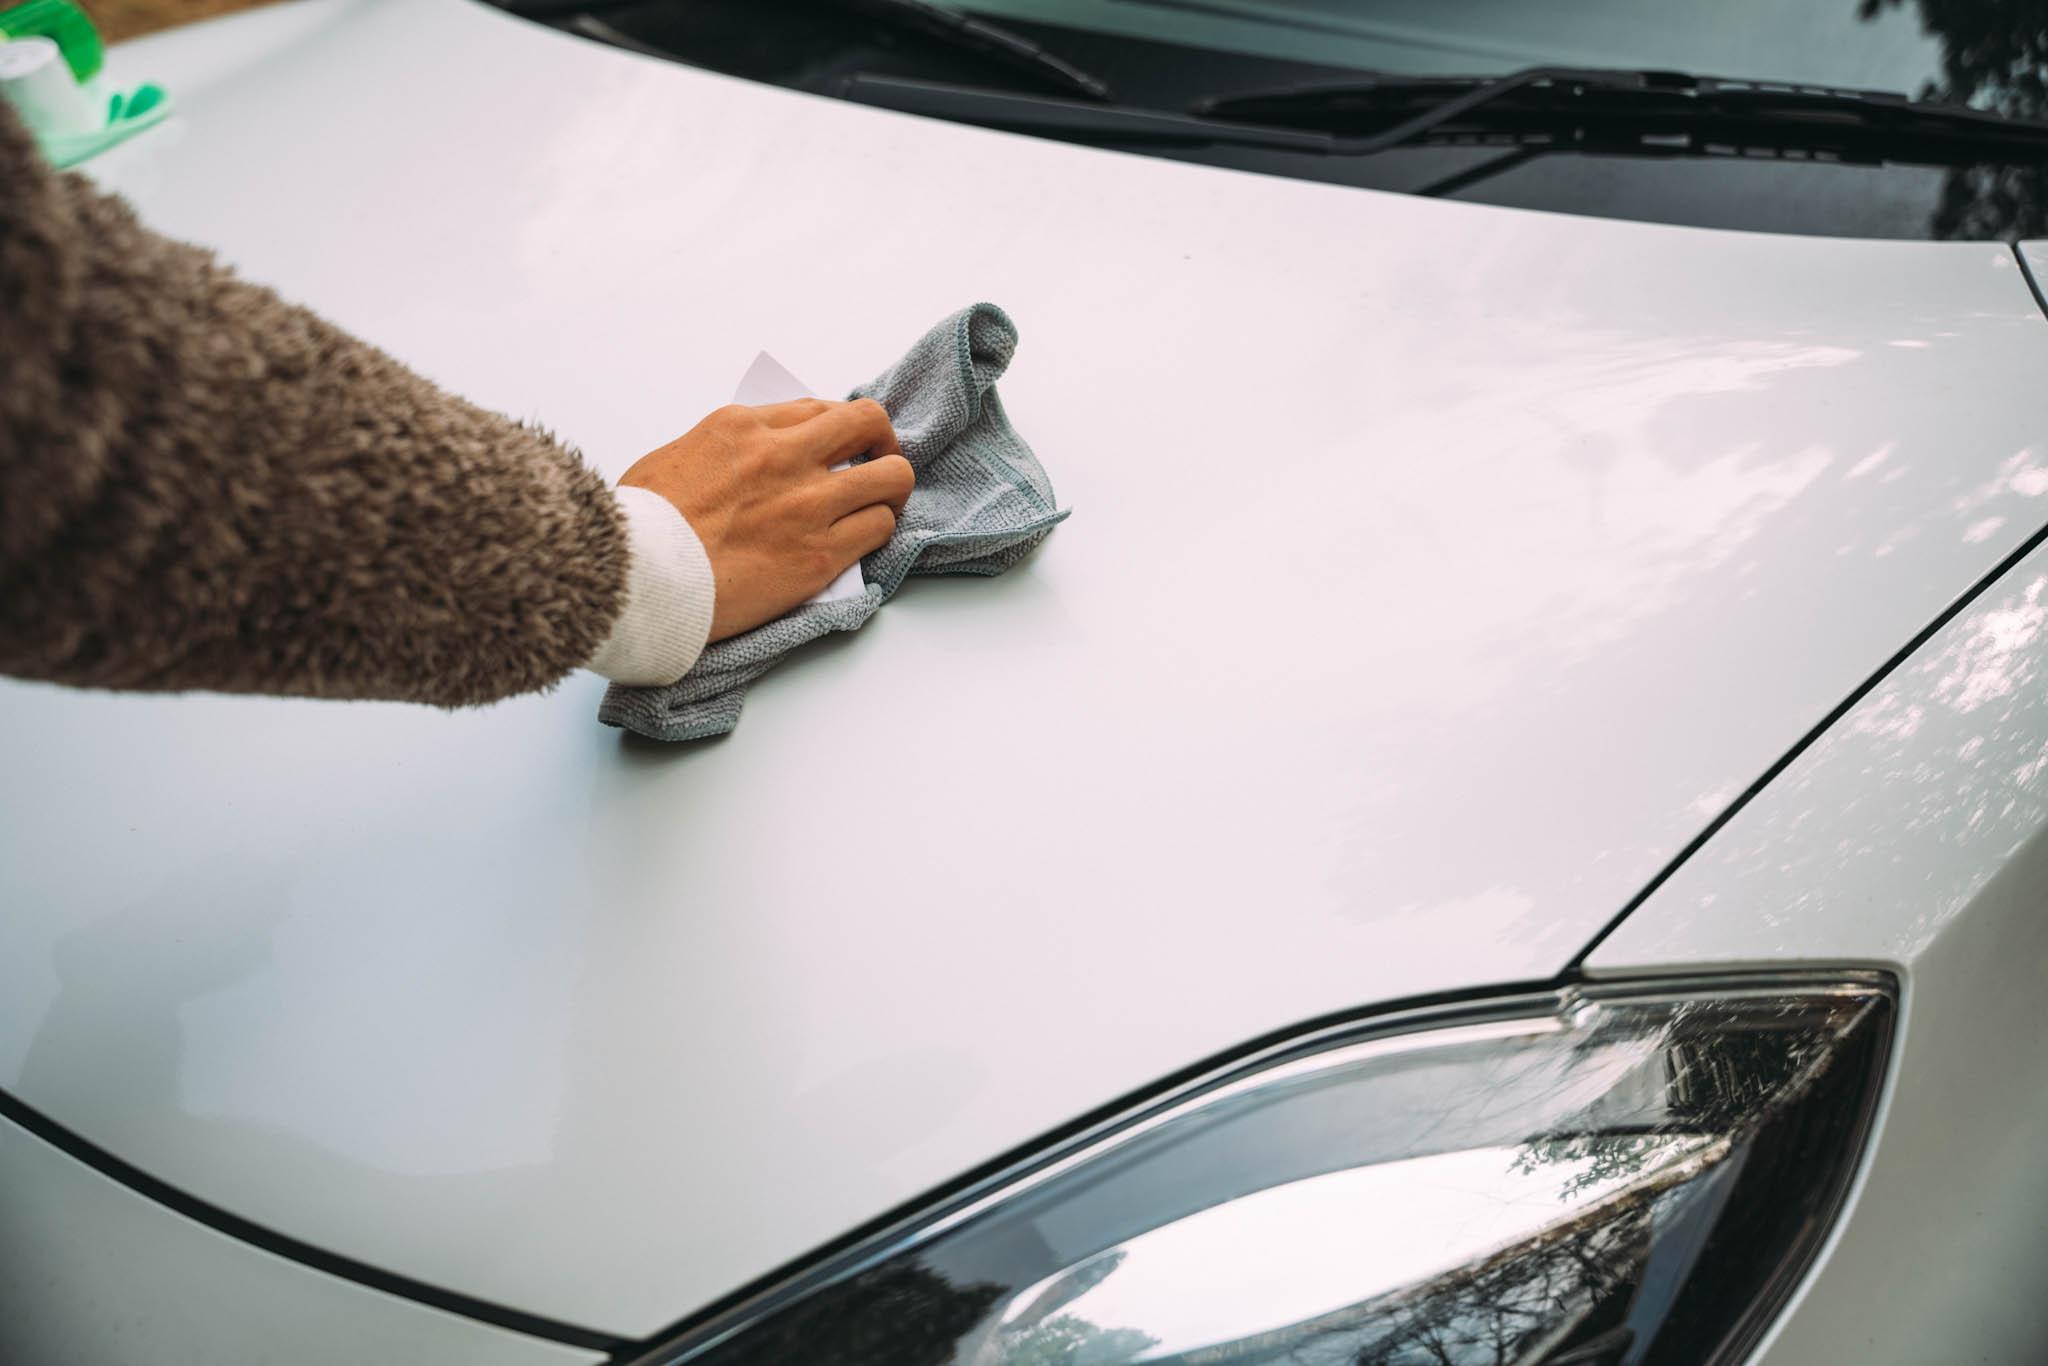 【手順】こんな流れで車を掃除します